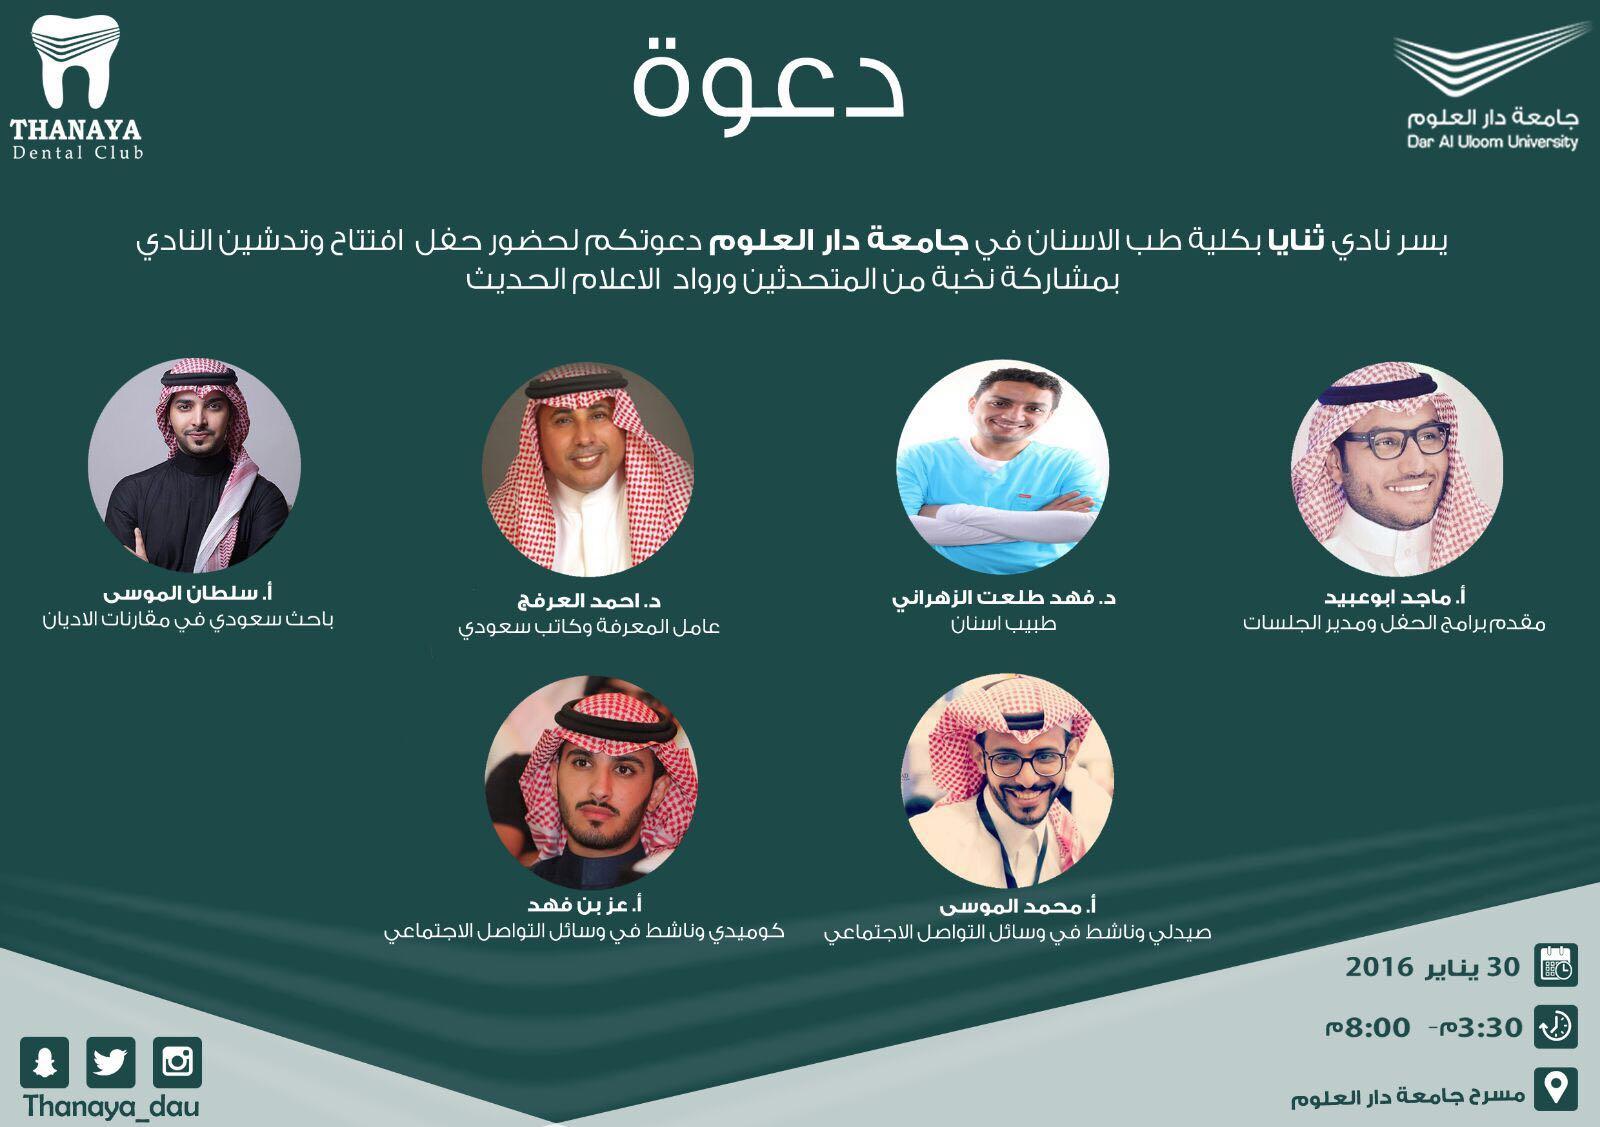 دعوة لحضور حفل افتتاح نادي ثنايا – كلية طب الاسنان